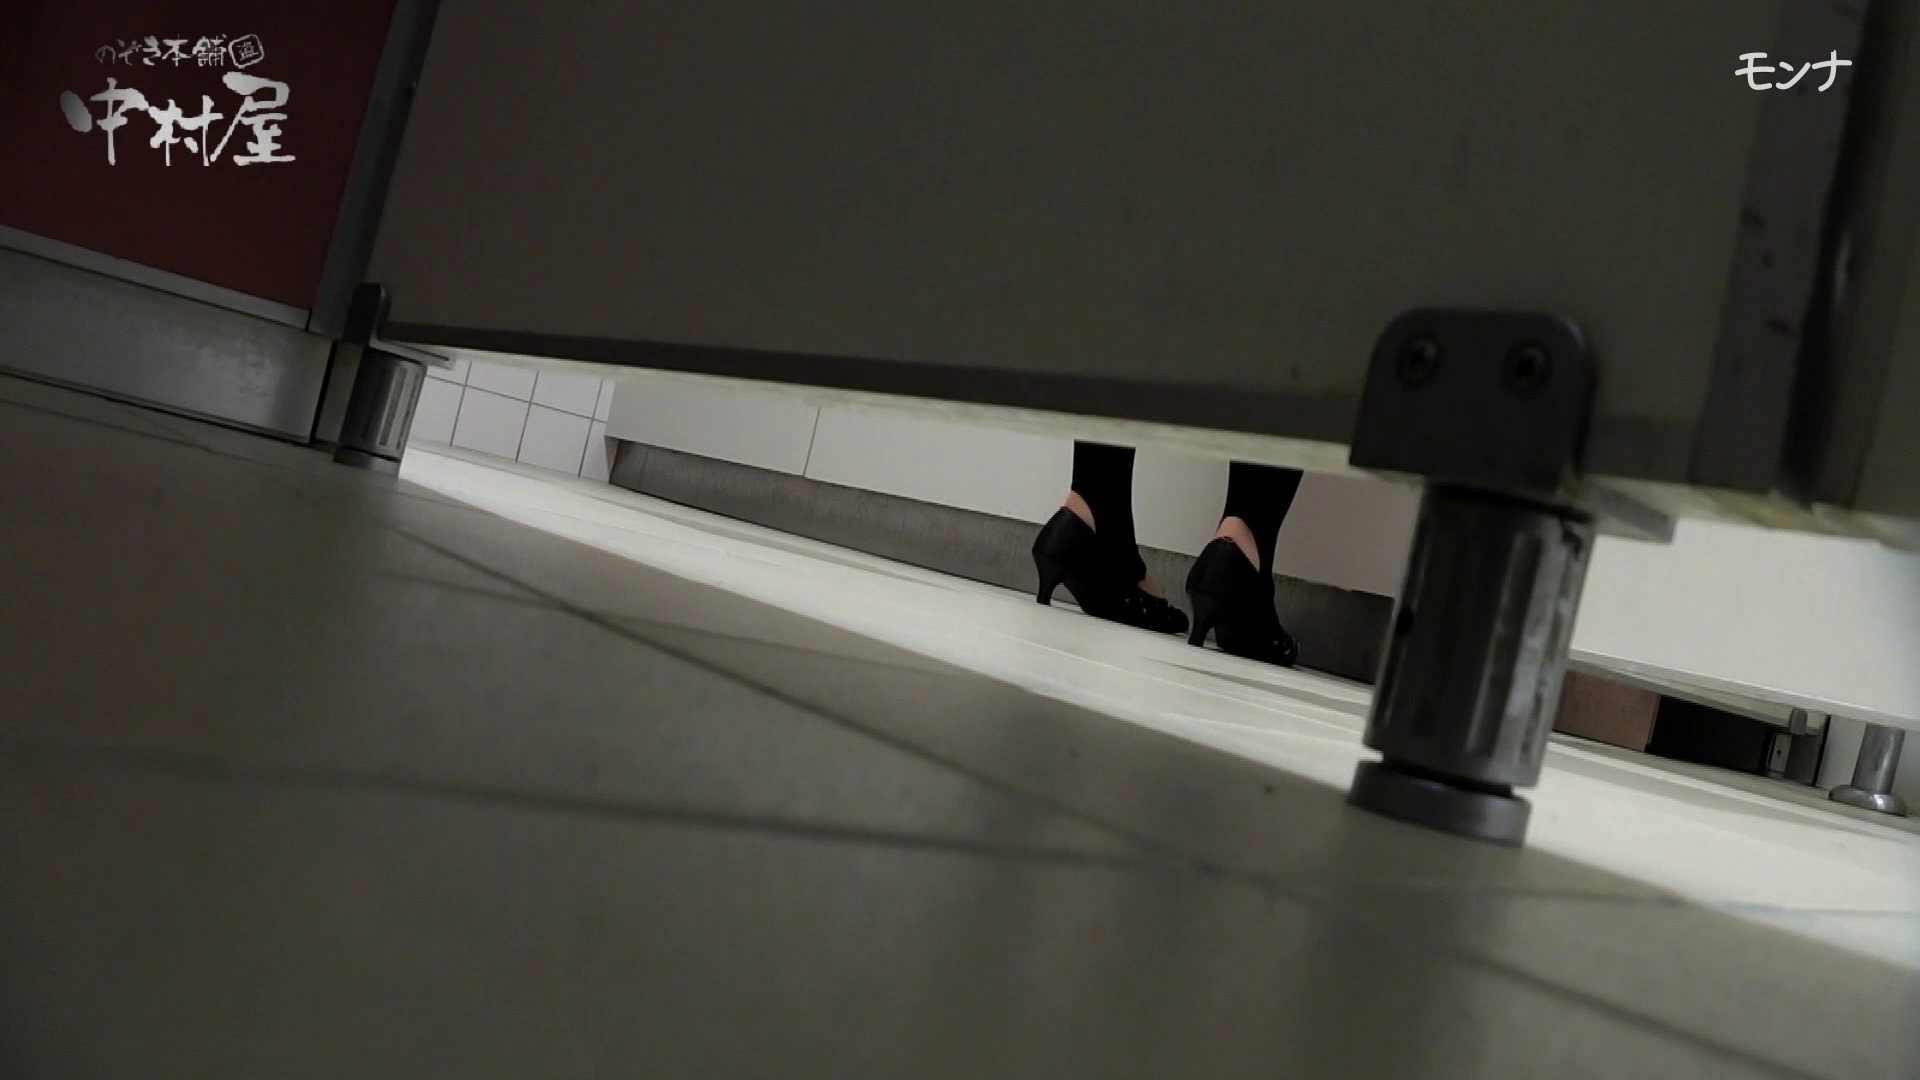 美しい日本の未来 No.49 何があった?カメラ持ちながらみんなの前に!潜り抜け 後編 マンコ・ムレムレ すけべAV動画紹介 79pic 38